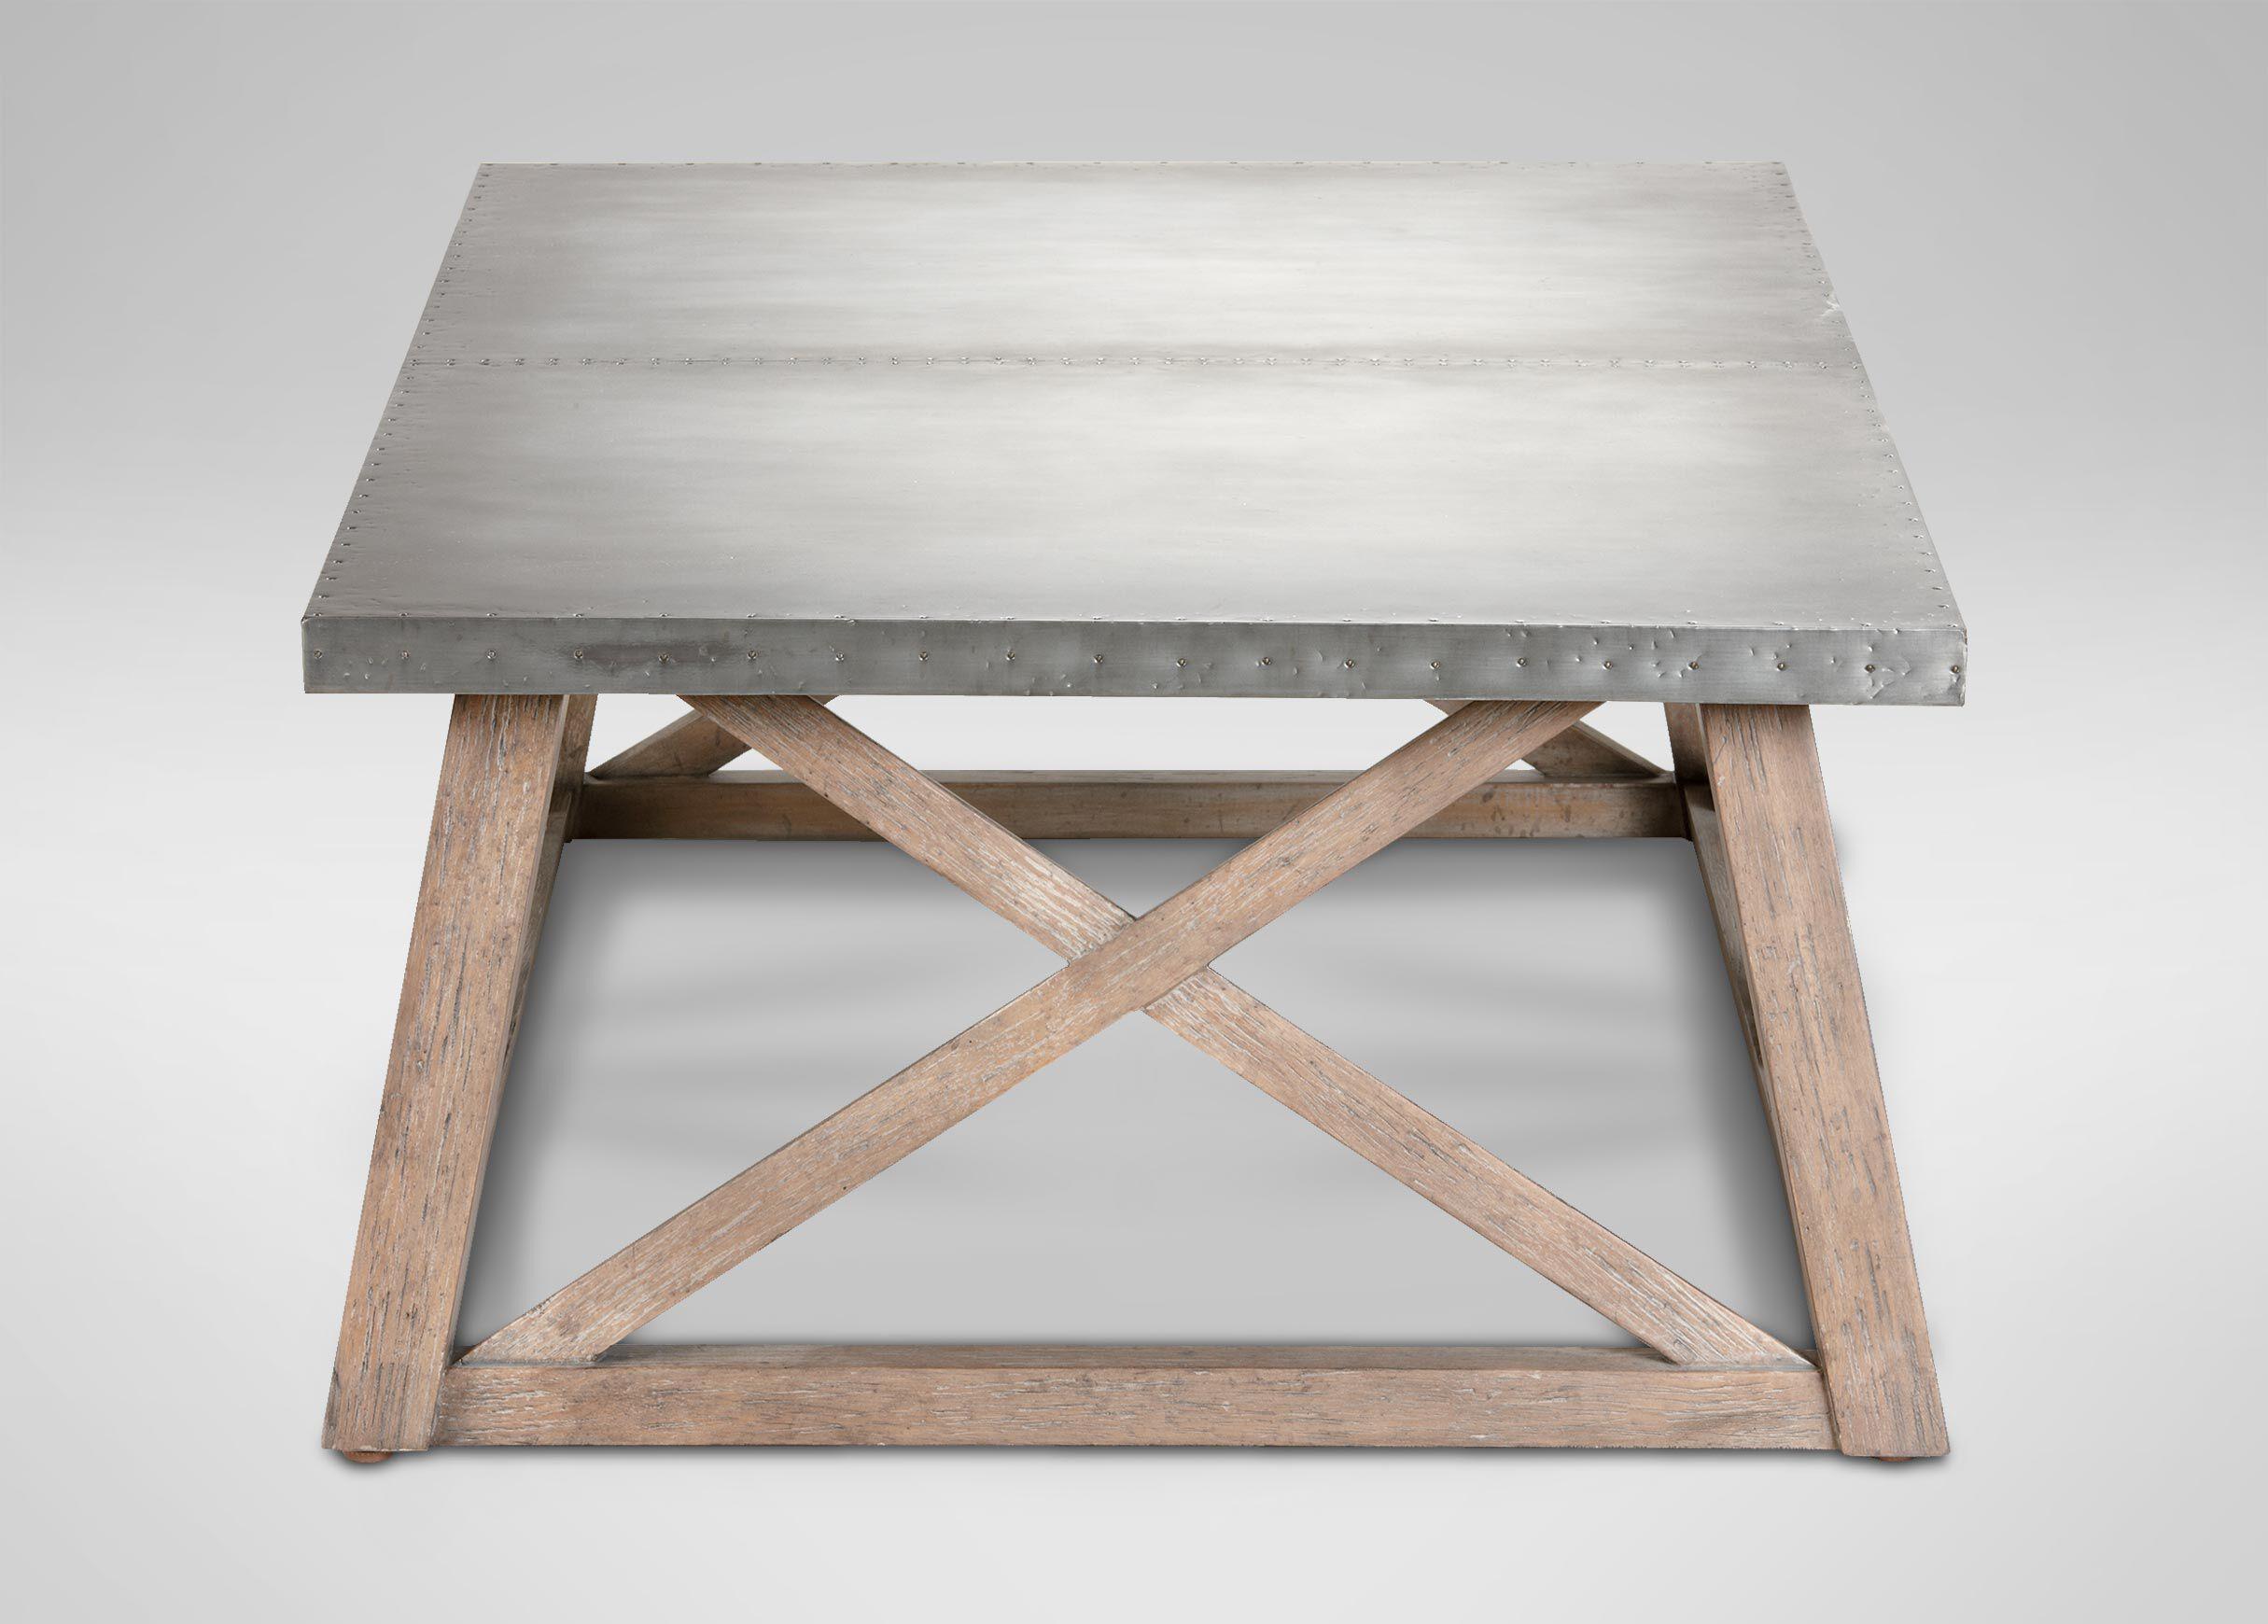 Bruckner Metal Top Coffee Table Ethan Allen new site